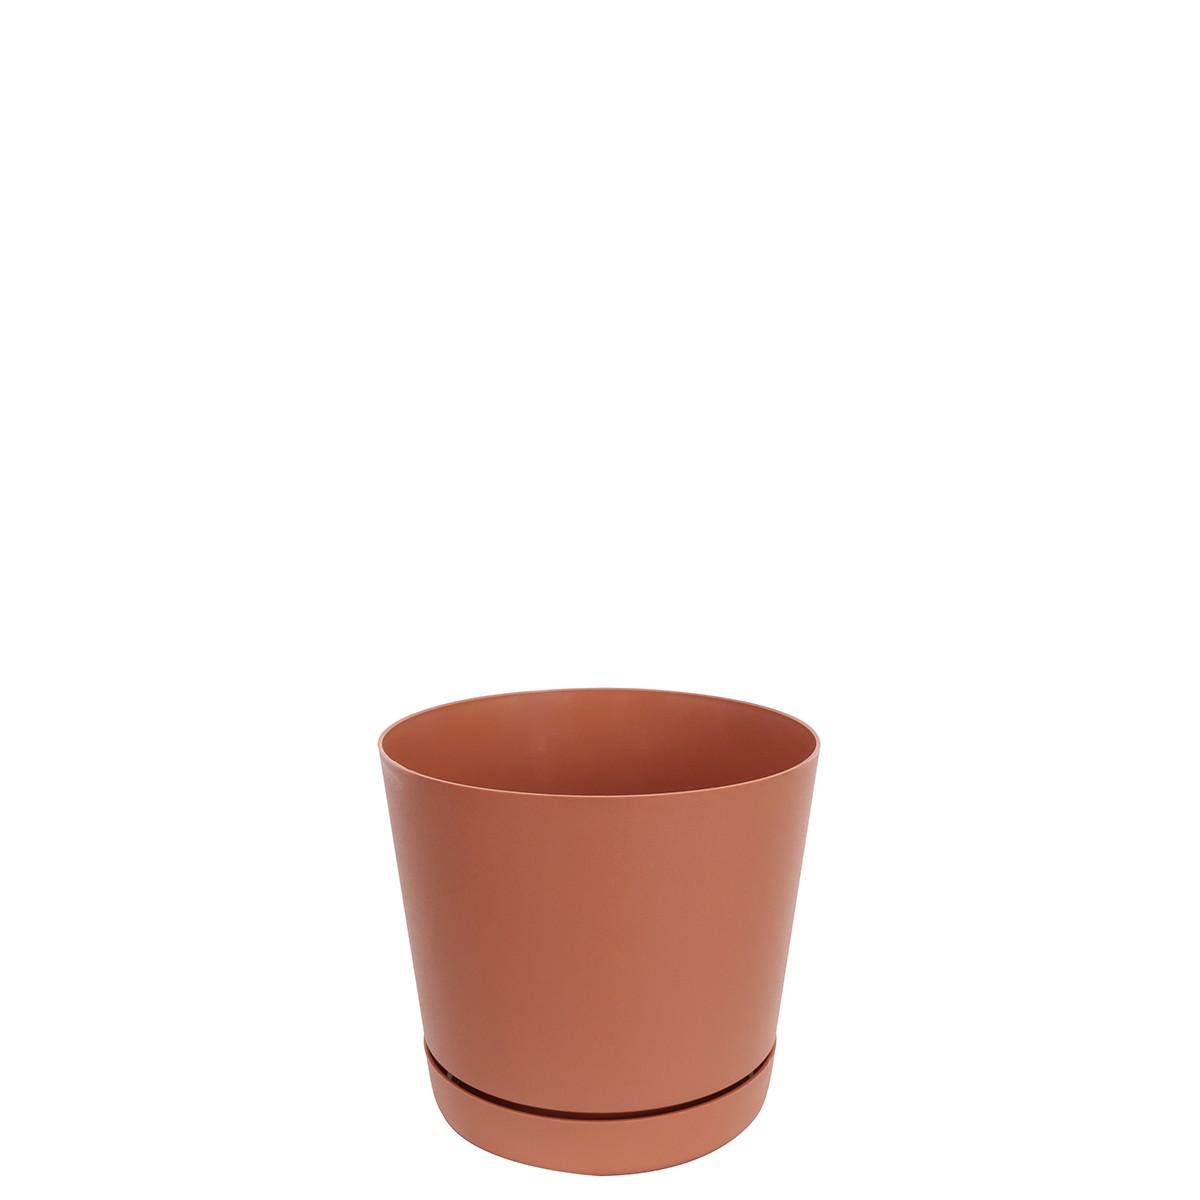 Vaso Rio 15 x 15 cm - Vasart